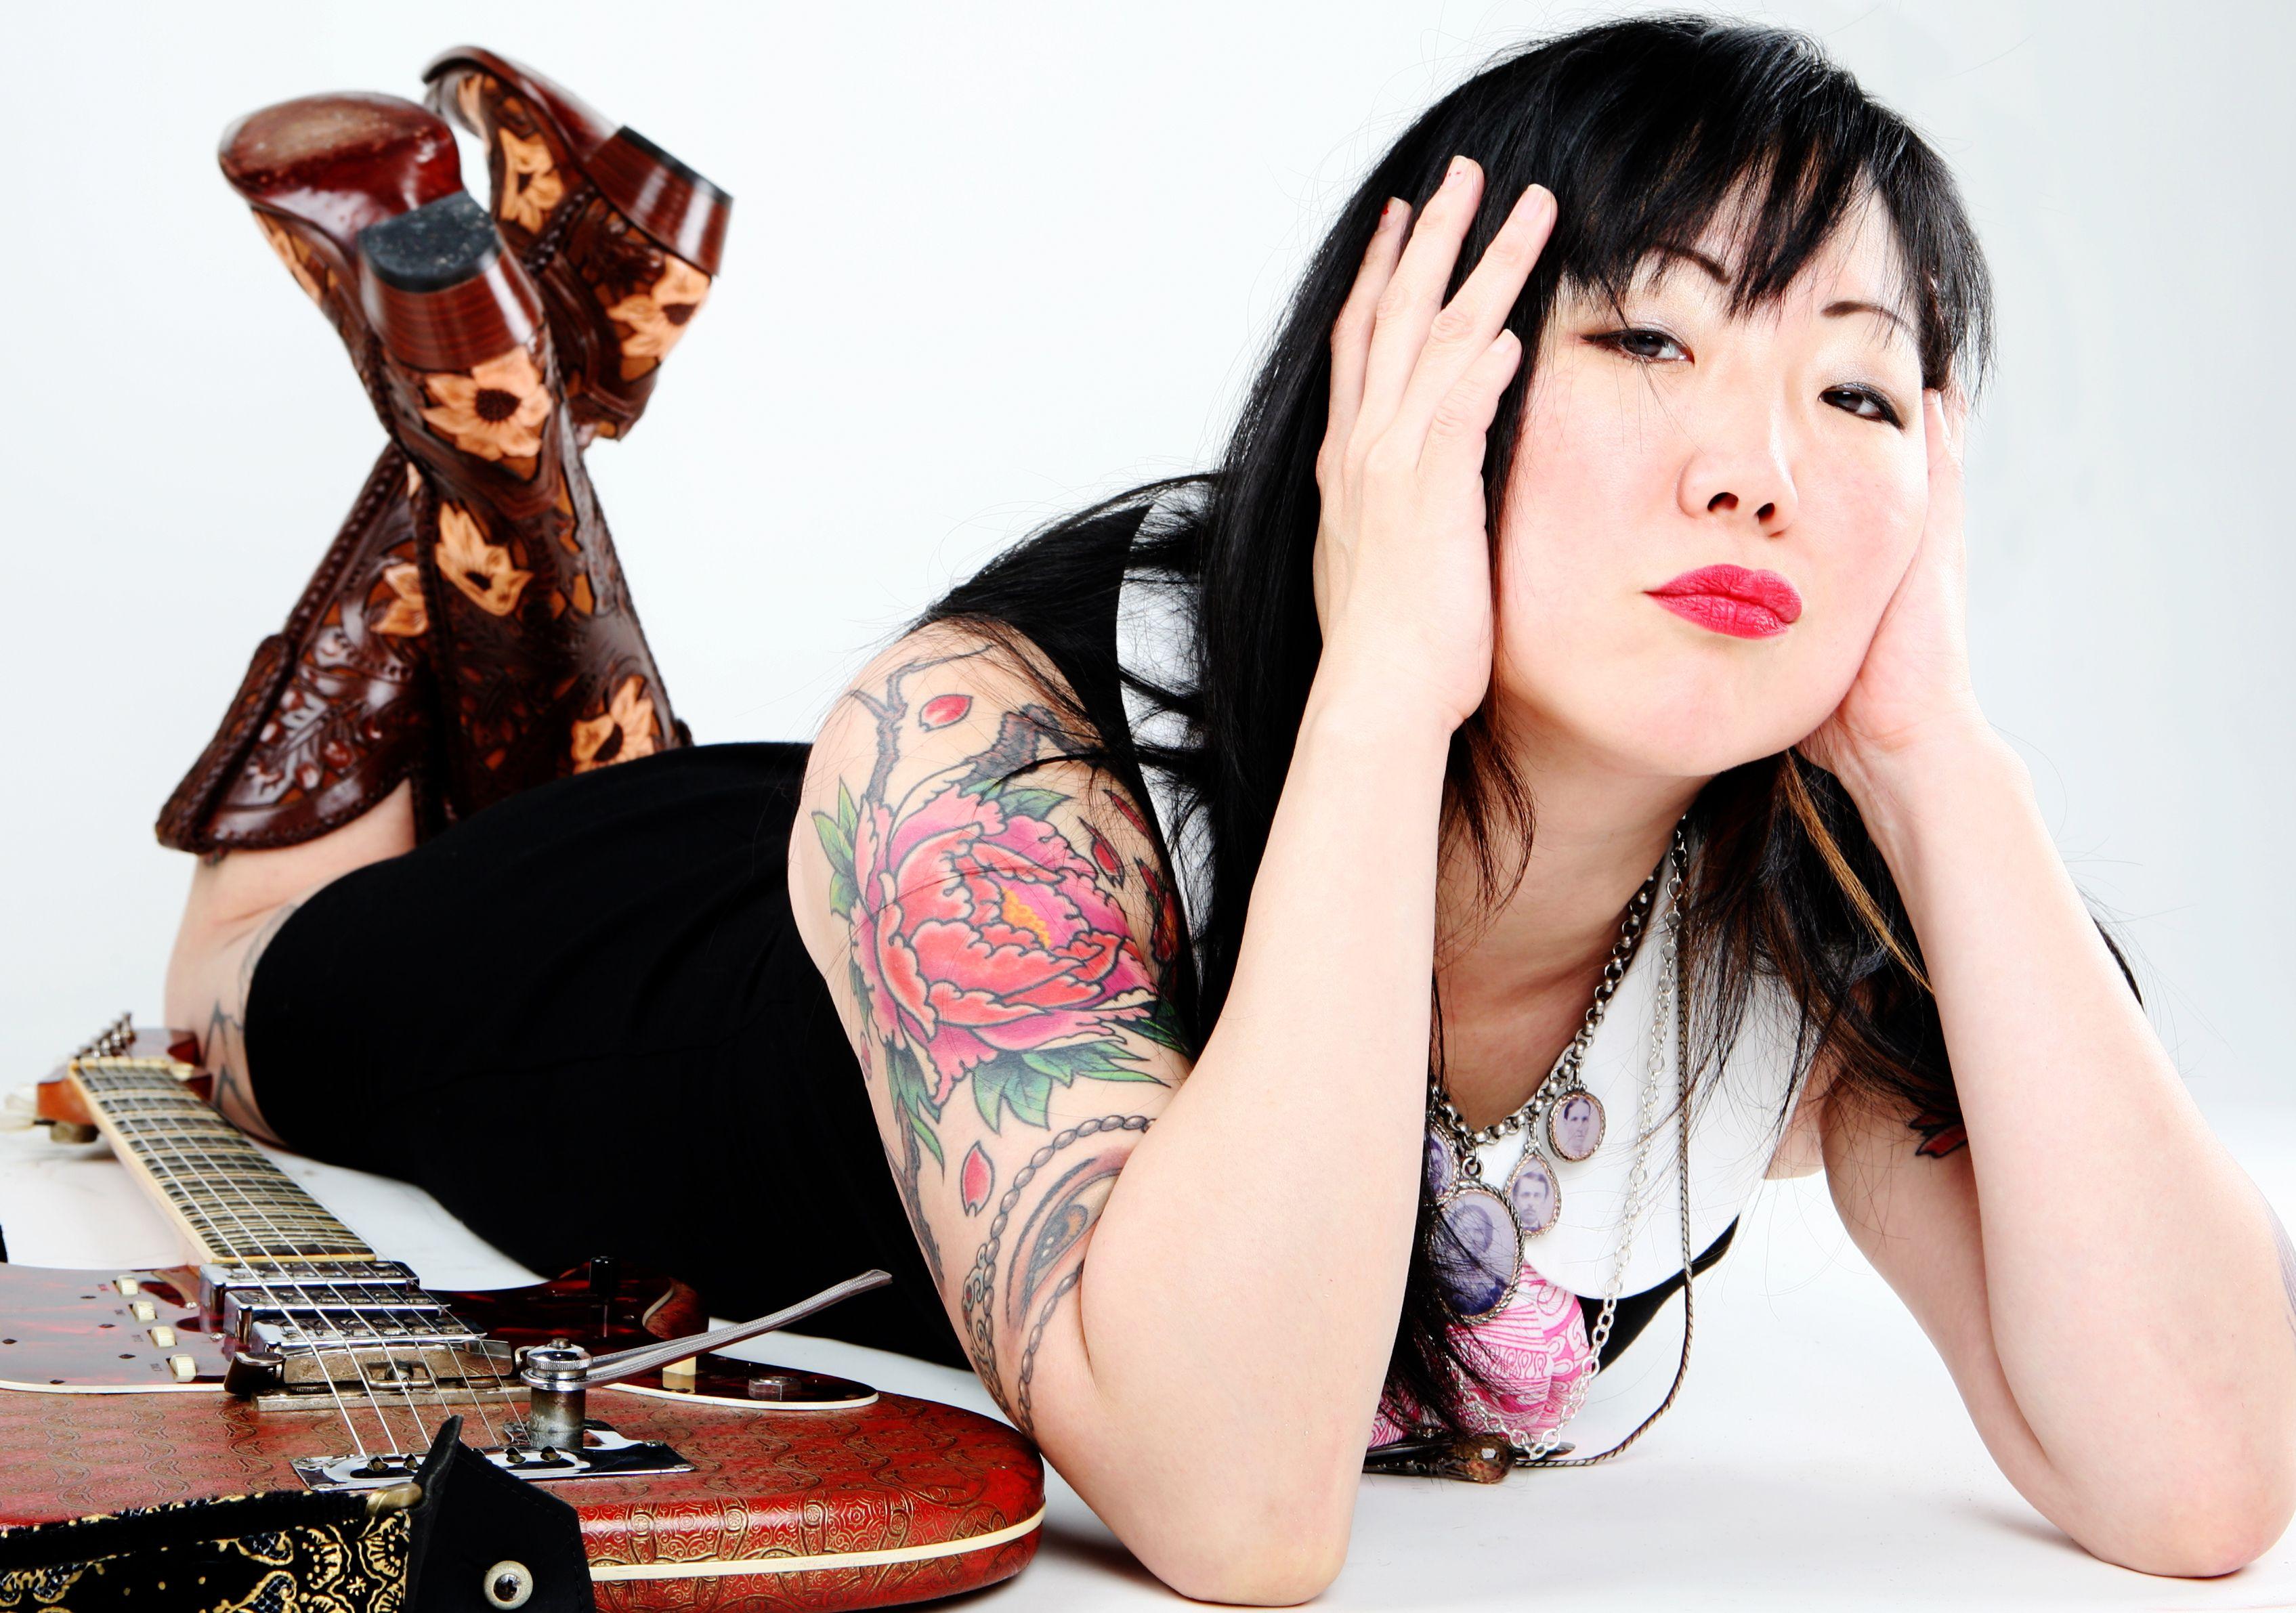 Asian lesbians ass